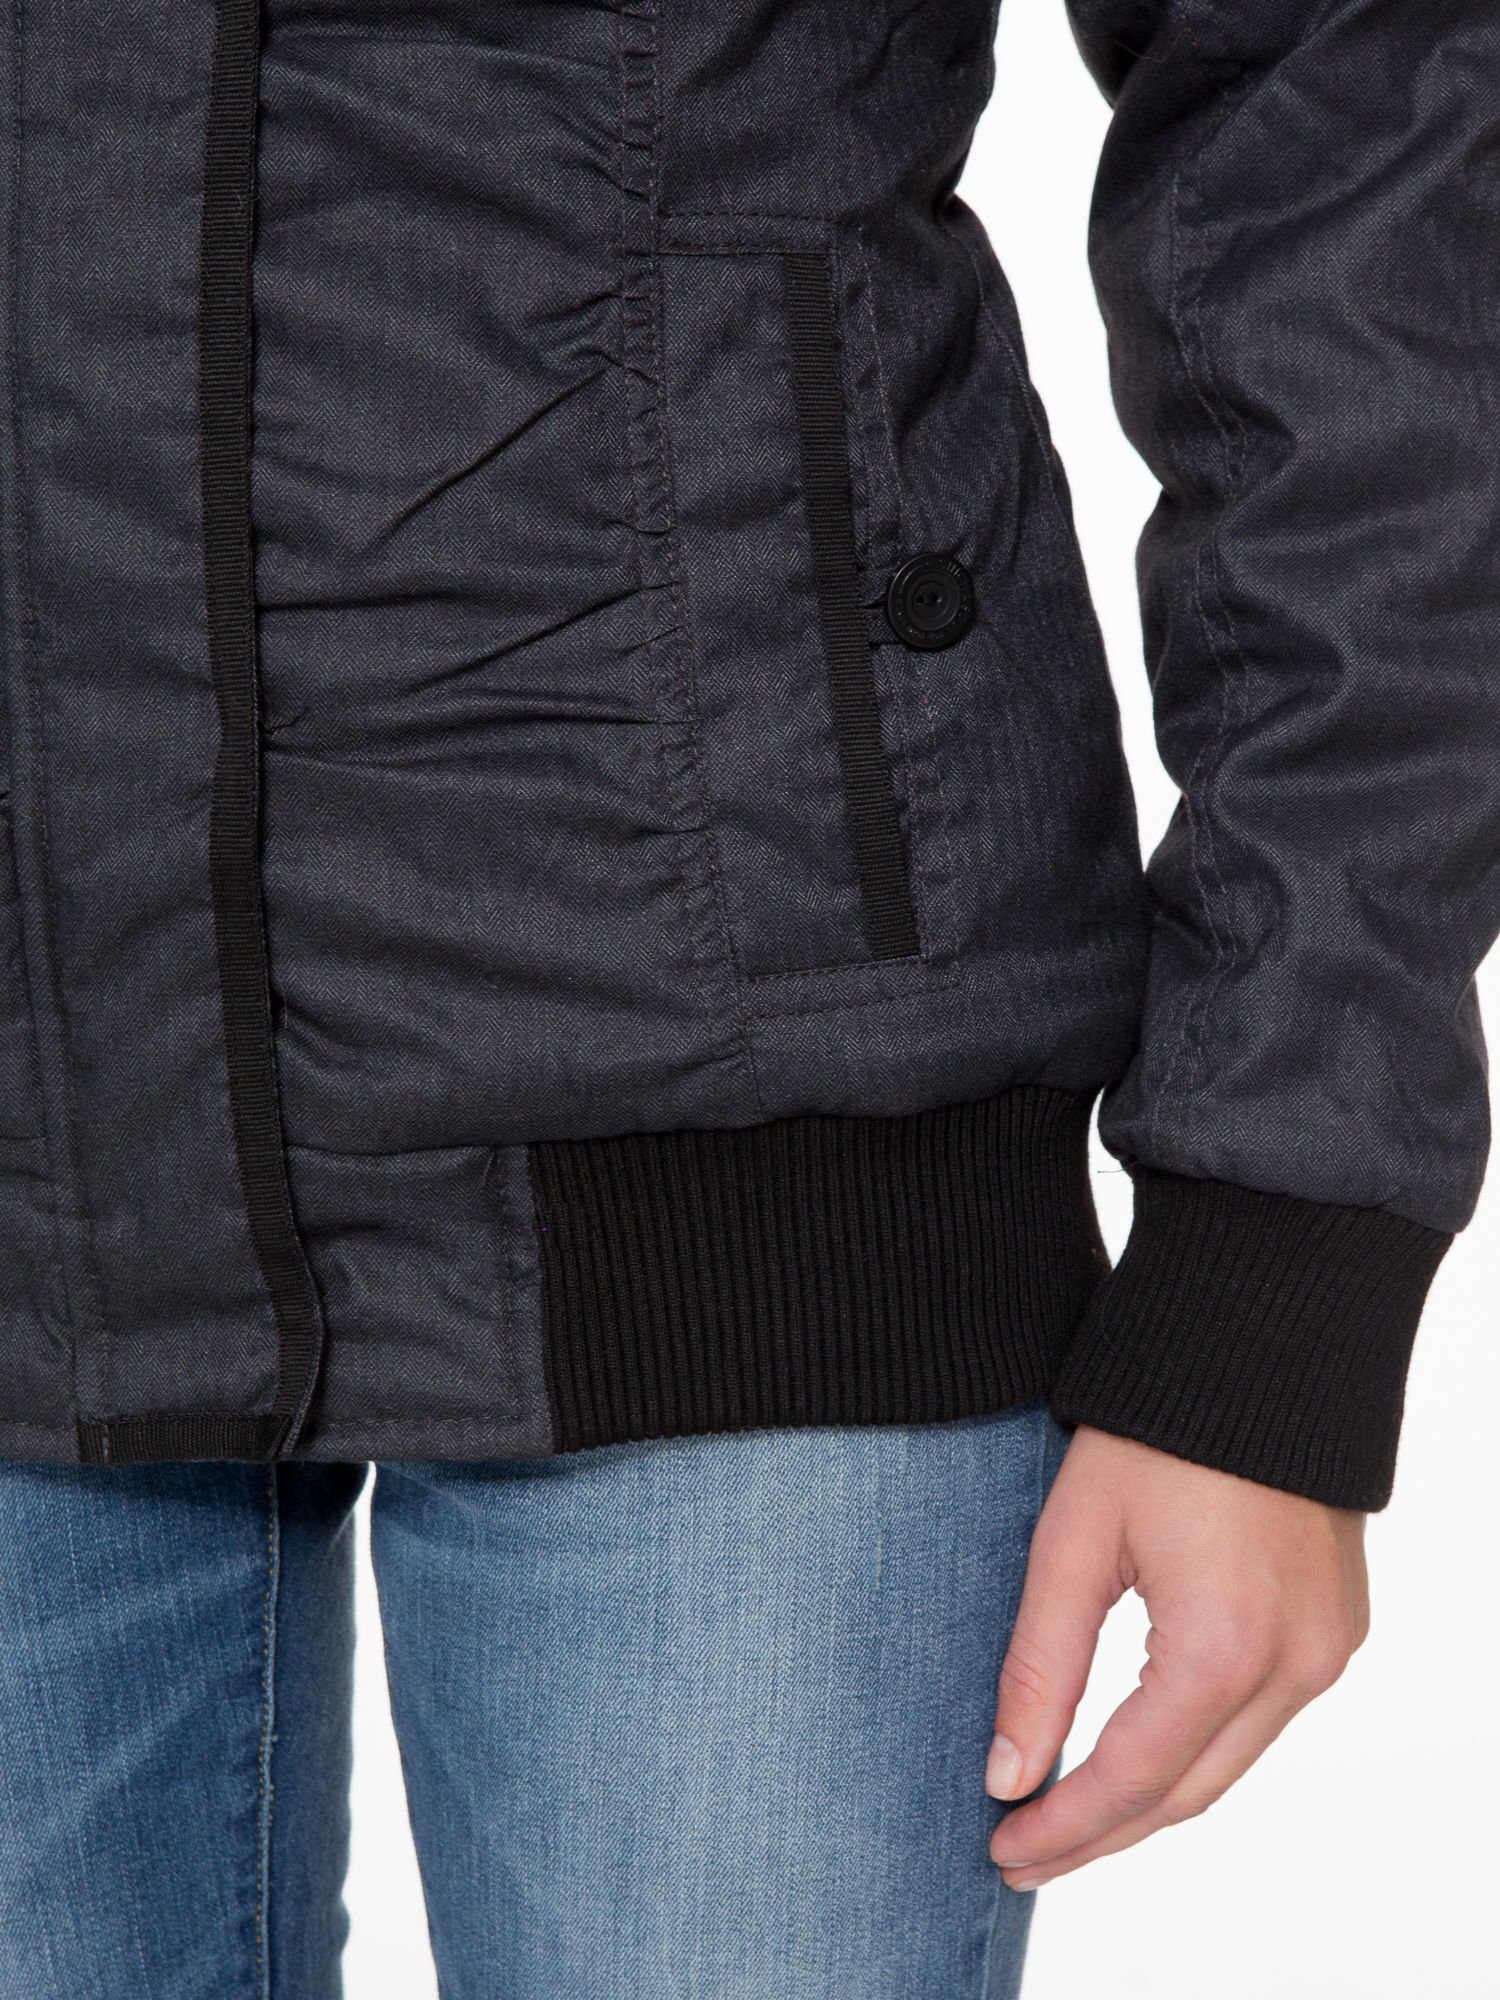 Ciepła kurtka zimowa z kapturem wykończonym futerkiem                                  zdj.                                  6